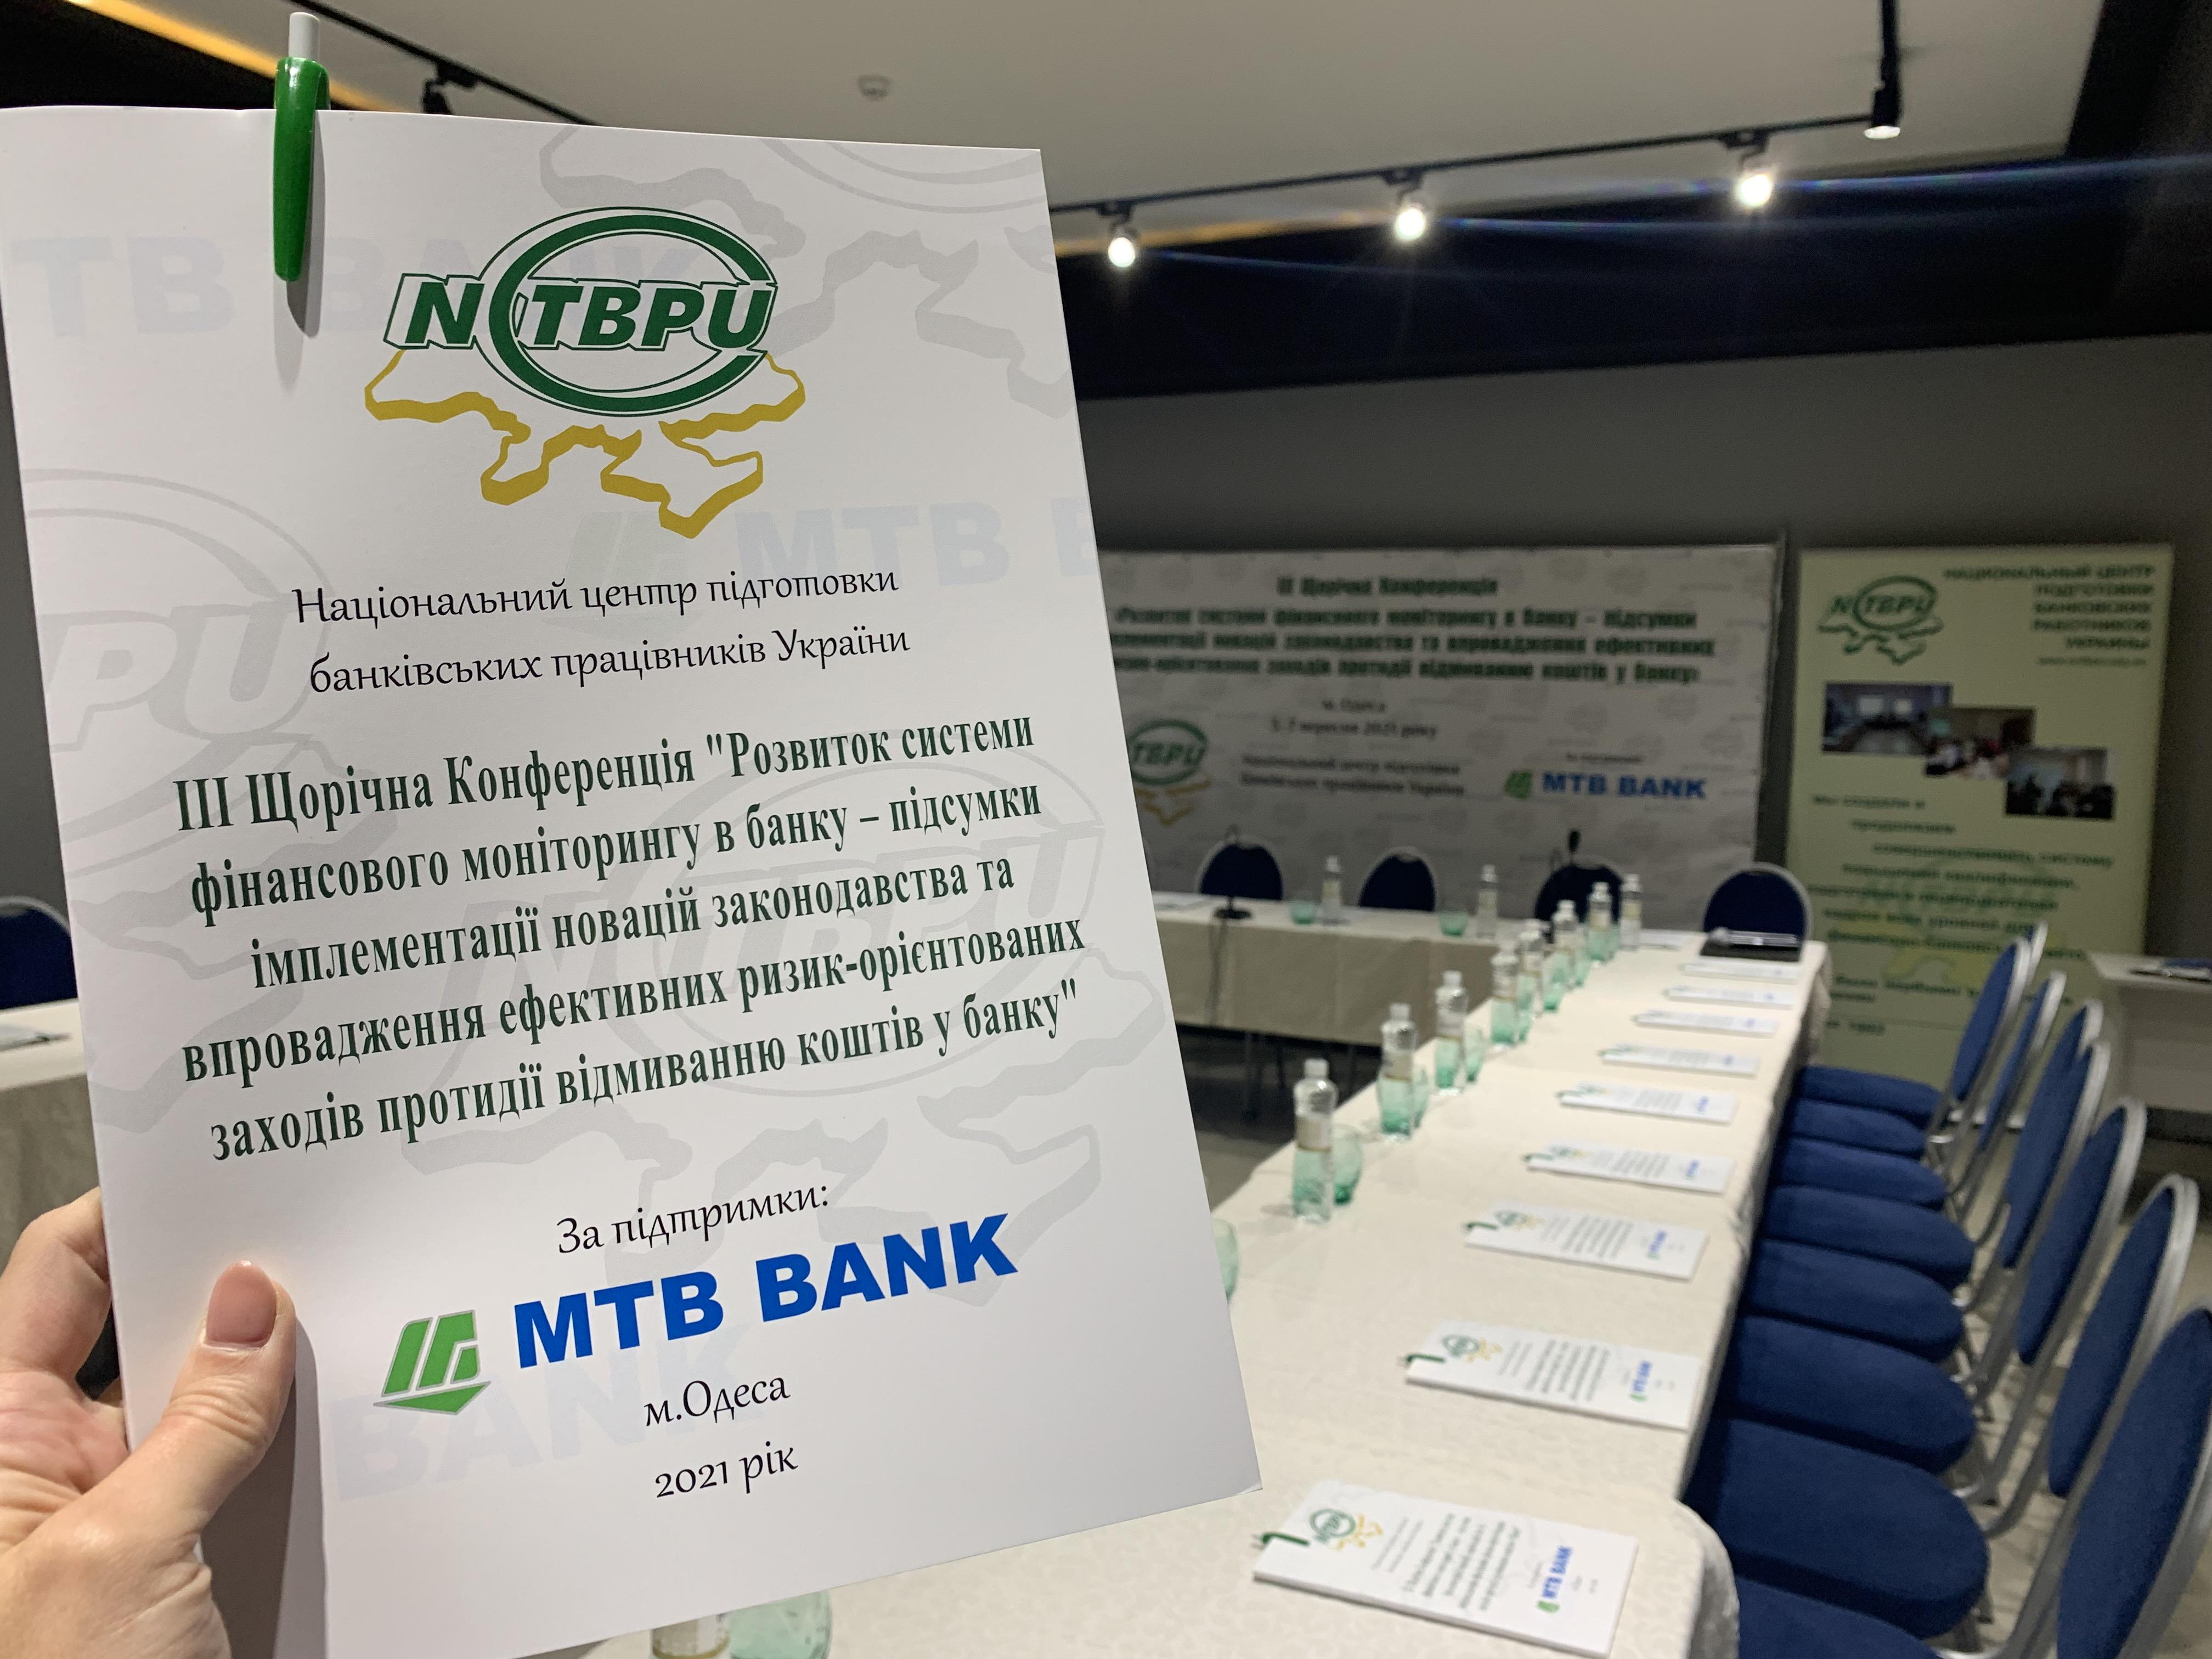 Підписано Меморандум між «ПАТ «МТБ БАНК» та Національним центром підготовки банківських працівників України - фото 2 - mtb.ua